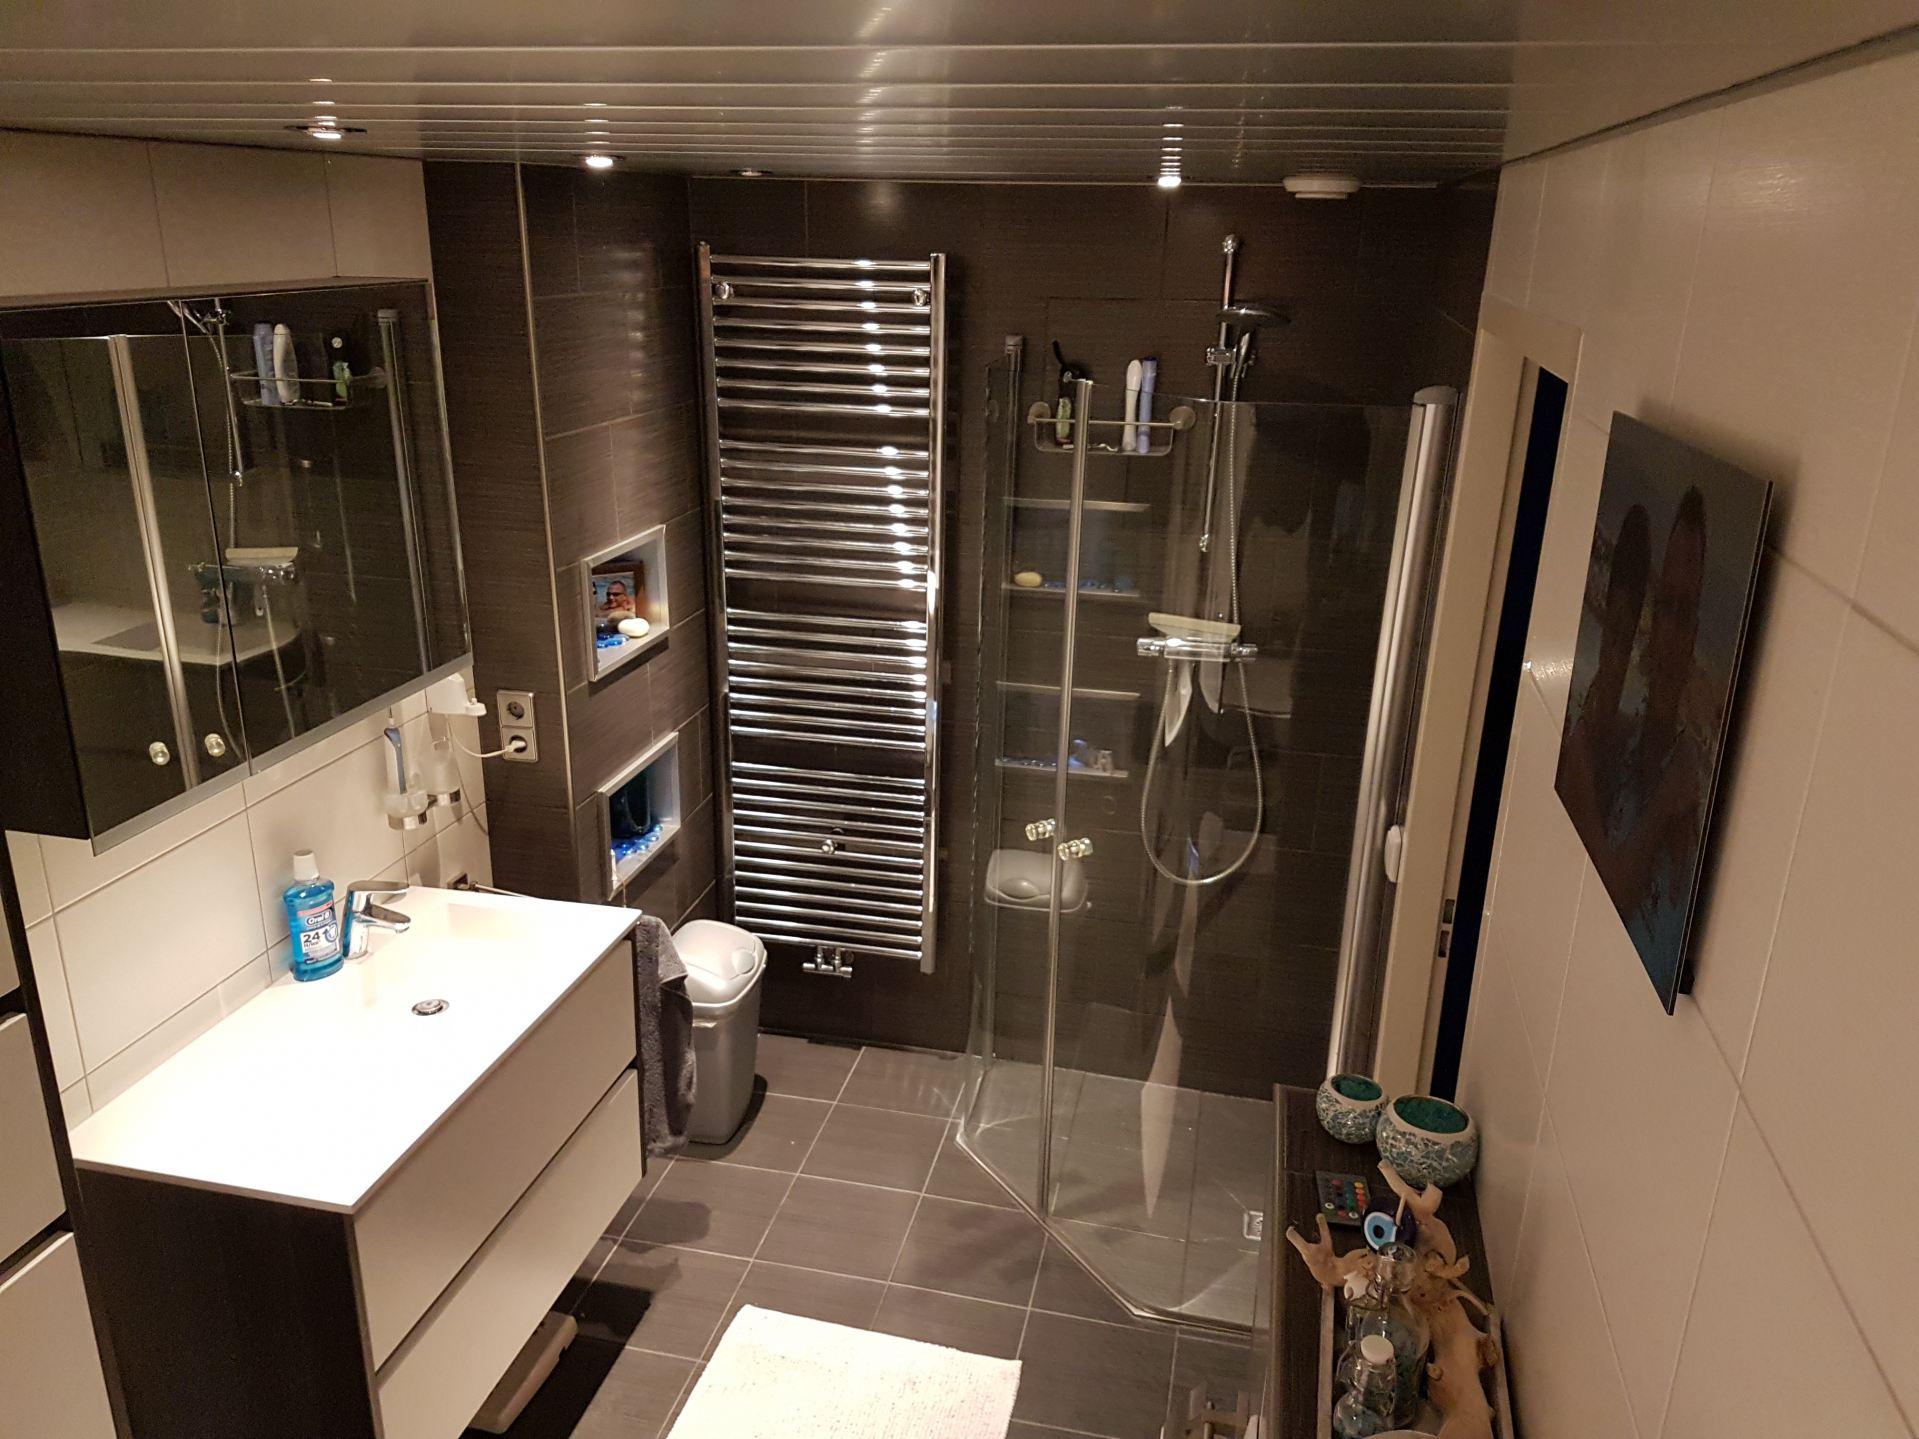 Nieuwe Badkamer Dordrecht : De klussenier jacob drenth uw klusbedrijf in dordrecht